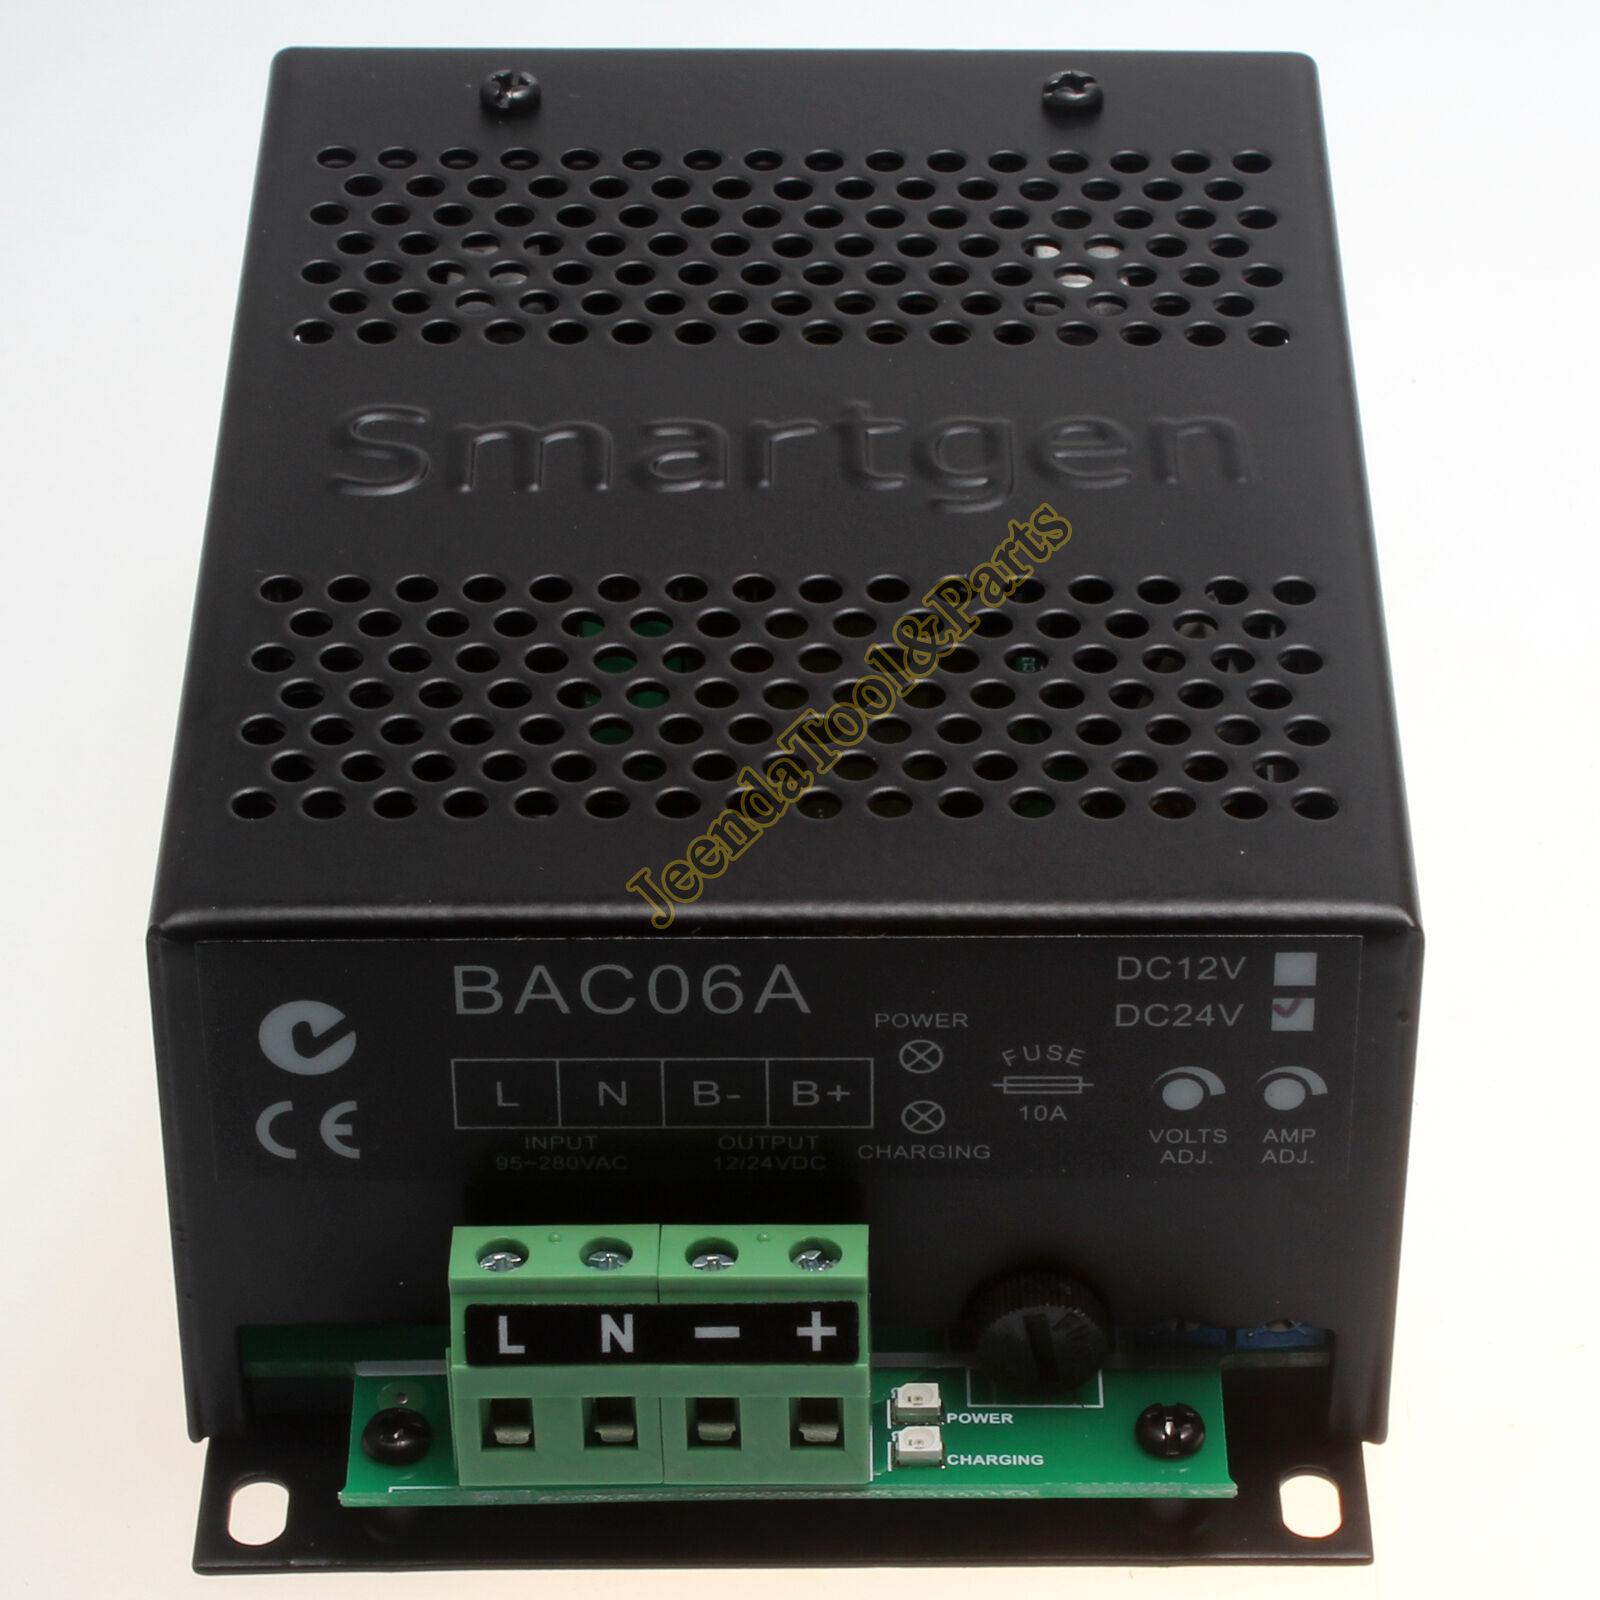 Samartgen Battery Charger Smartgen Battery Charger Bac06a